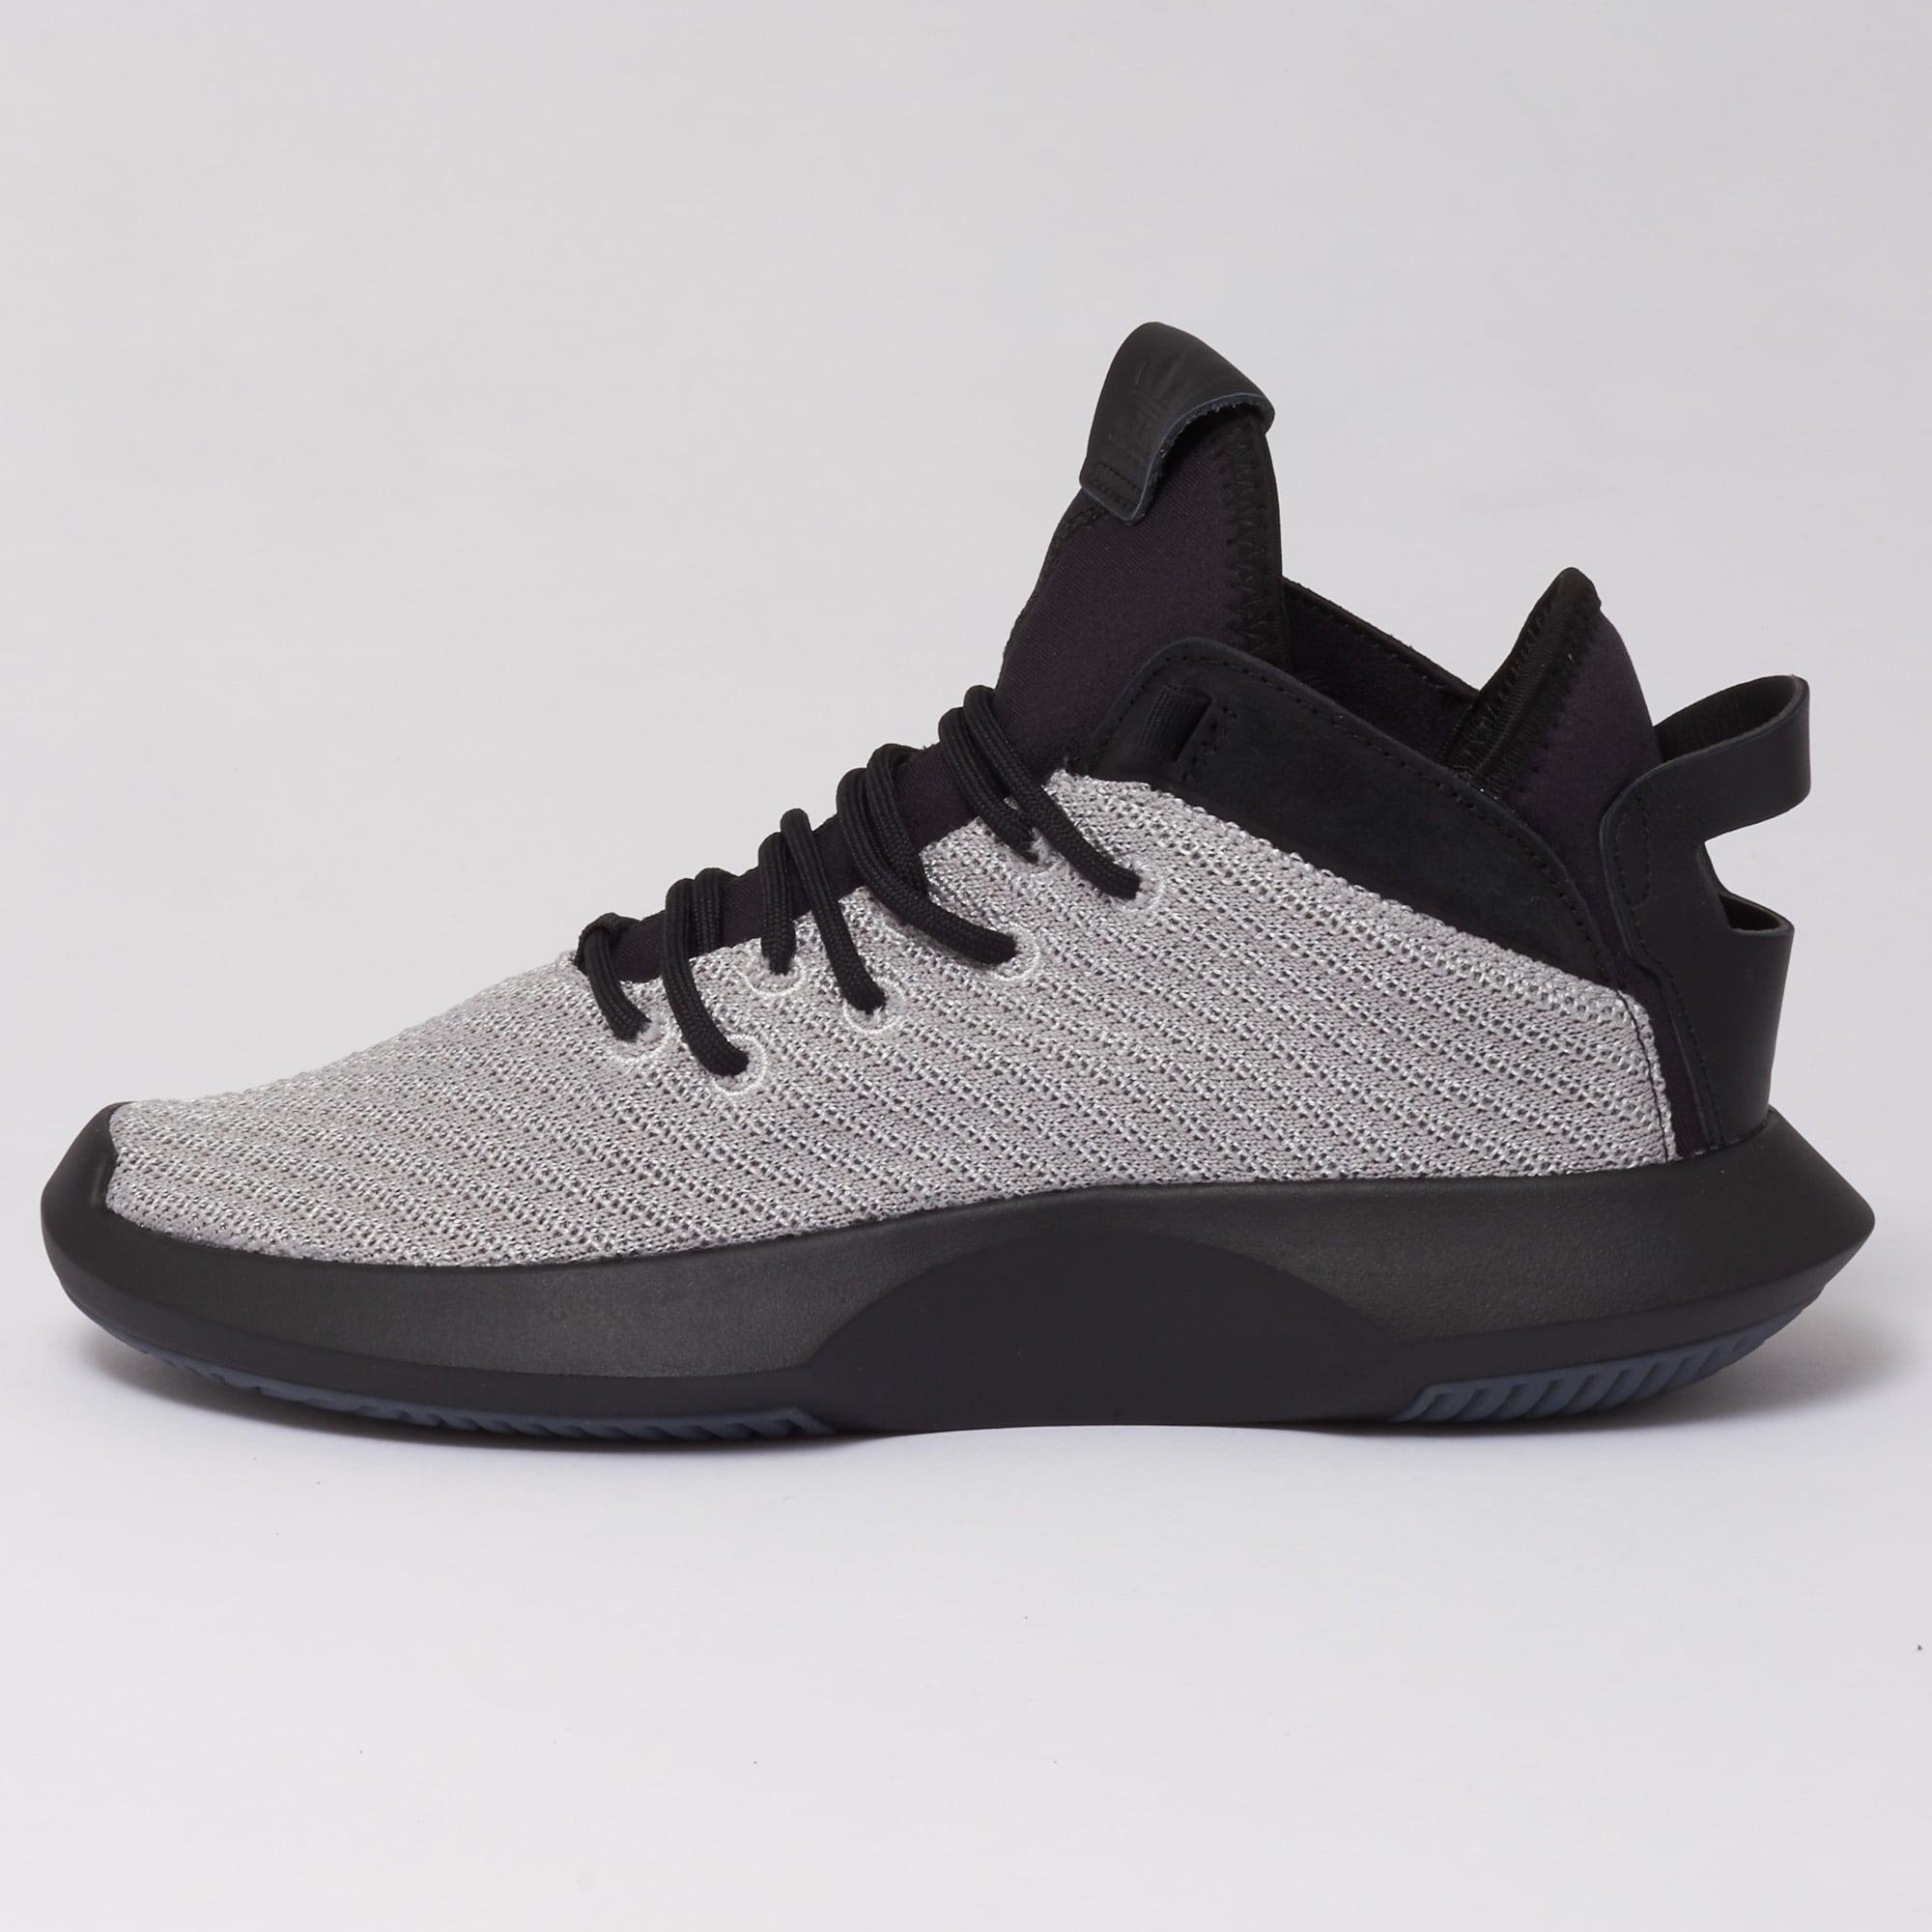 Adidas Silver Crazy 1 ADV Primeknit Trainers  1ddcaa569